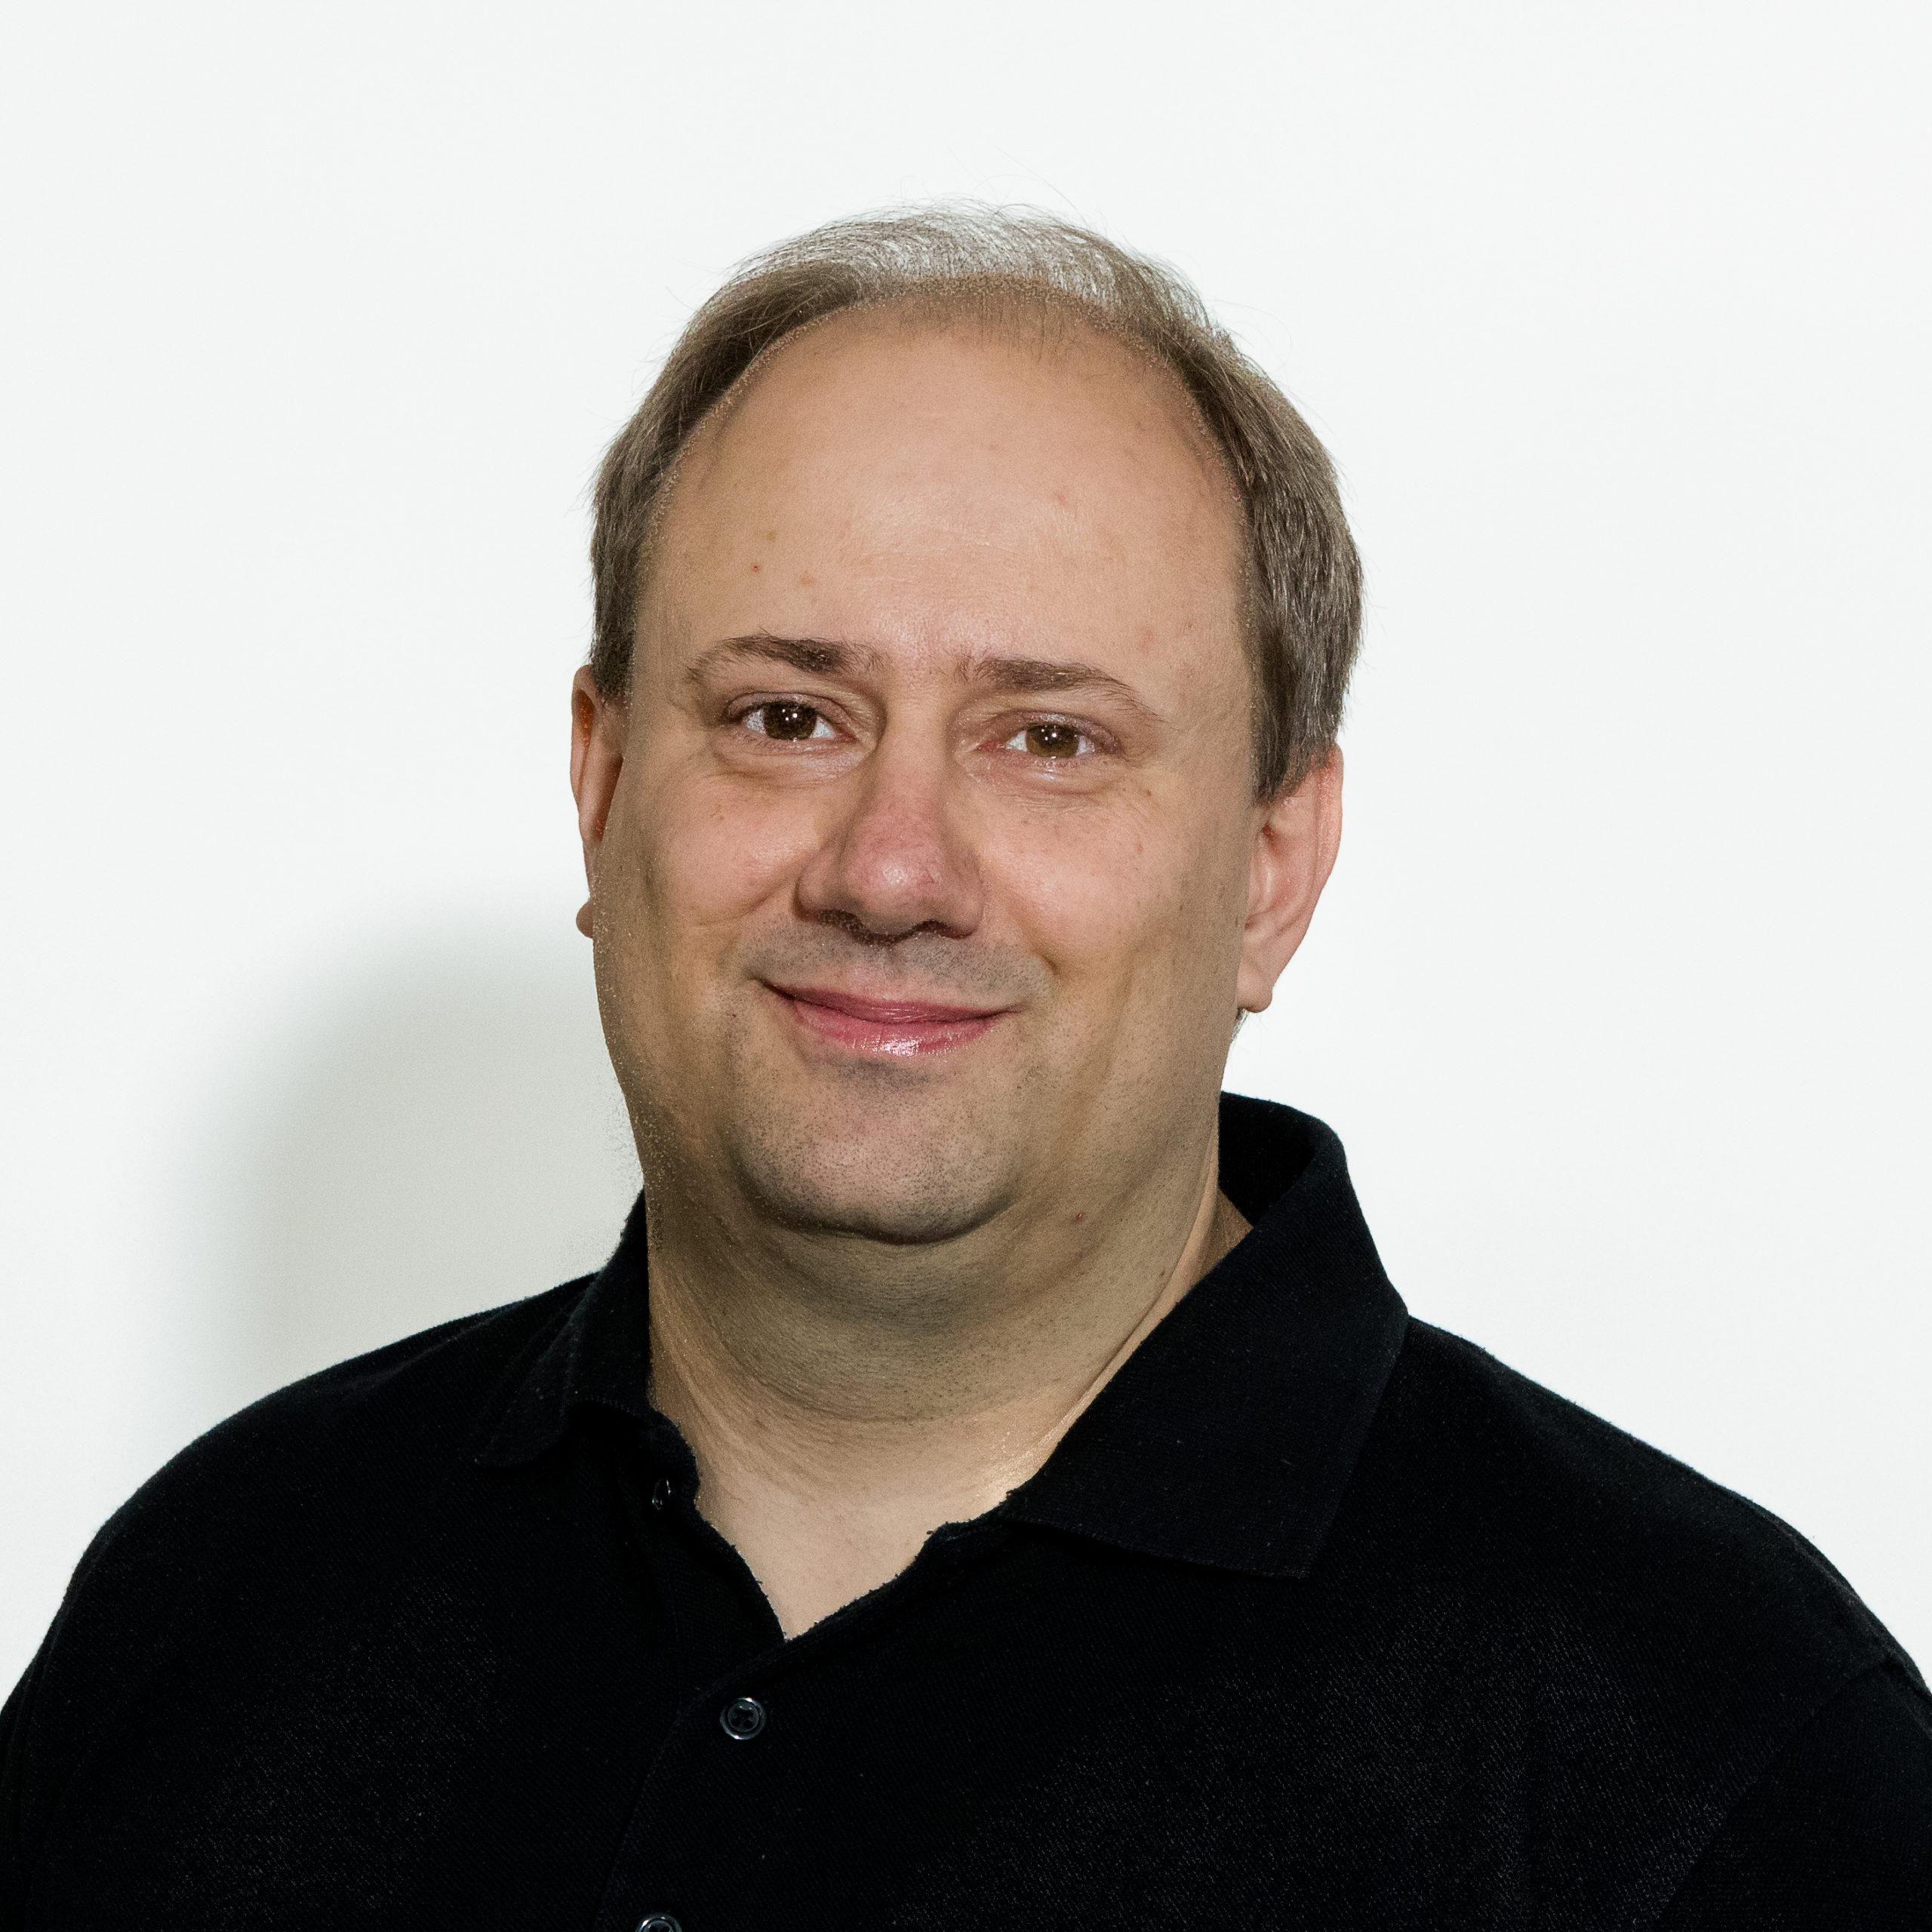 Mitarbeiterfoto von Michael Meier